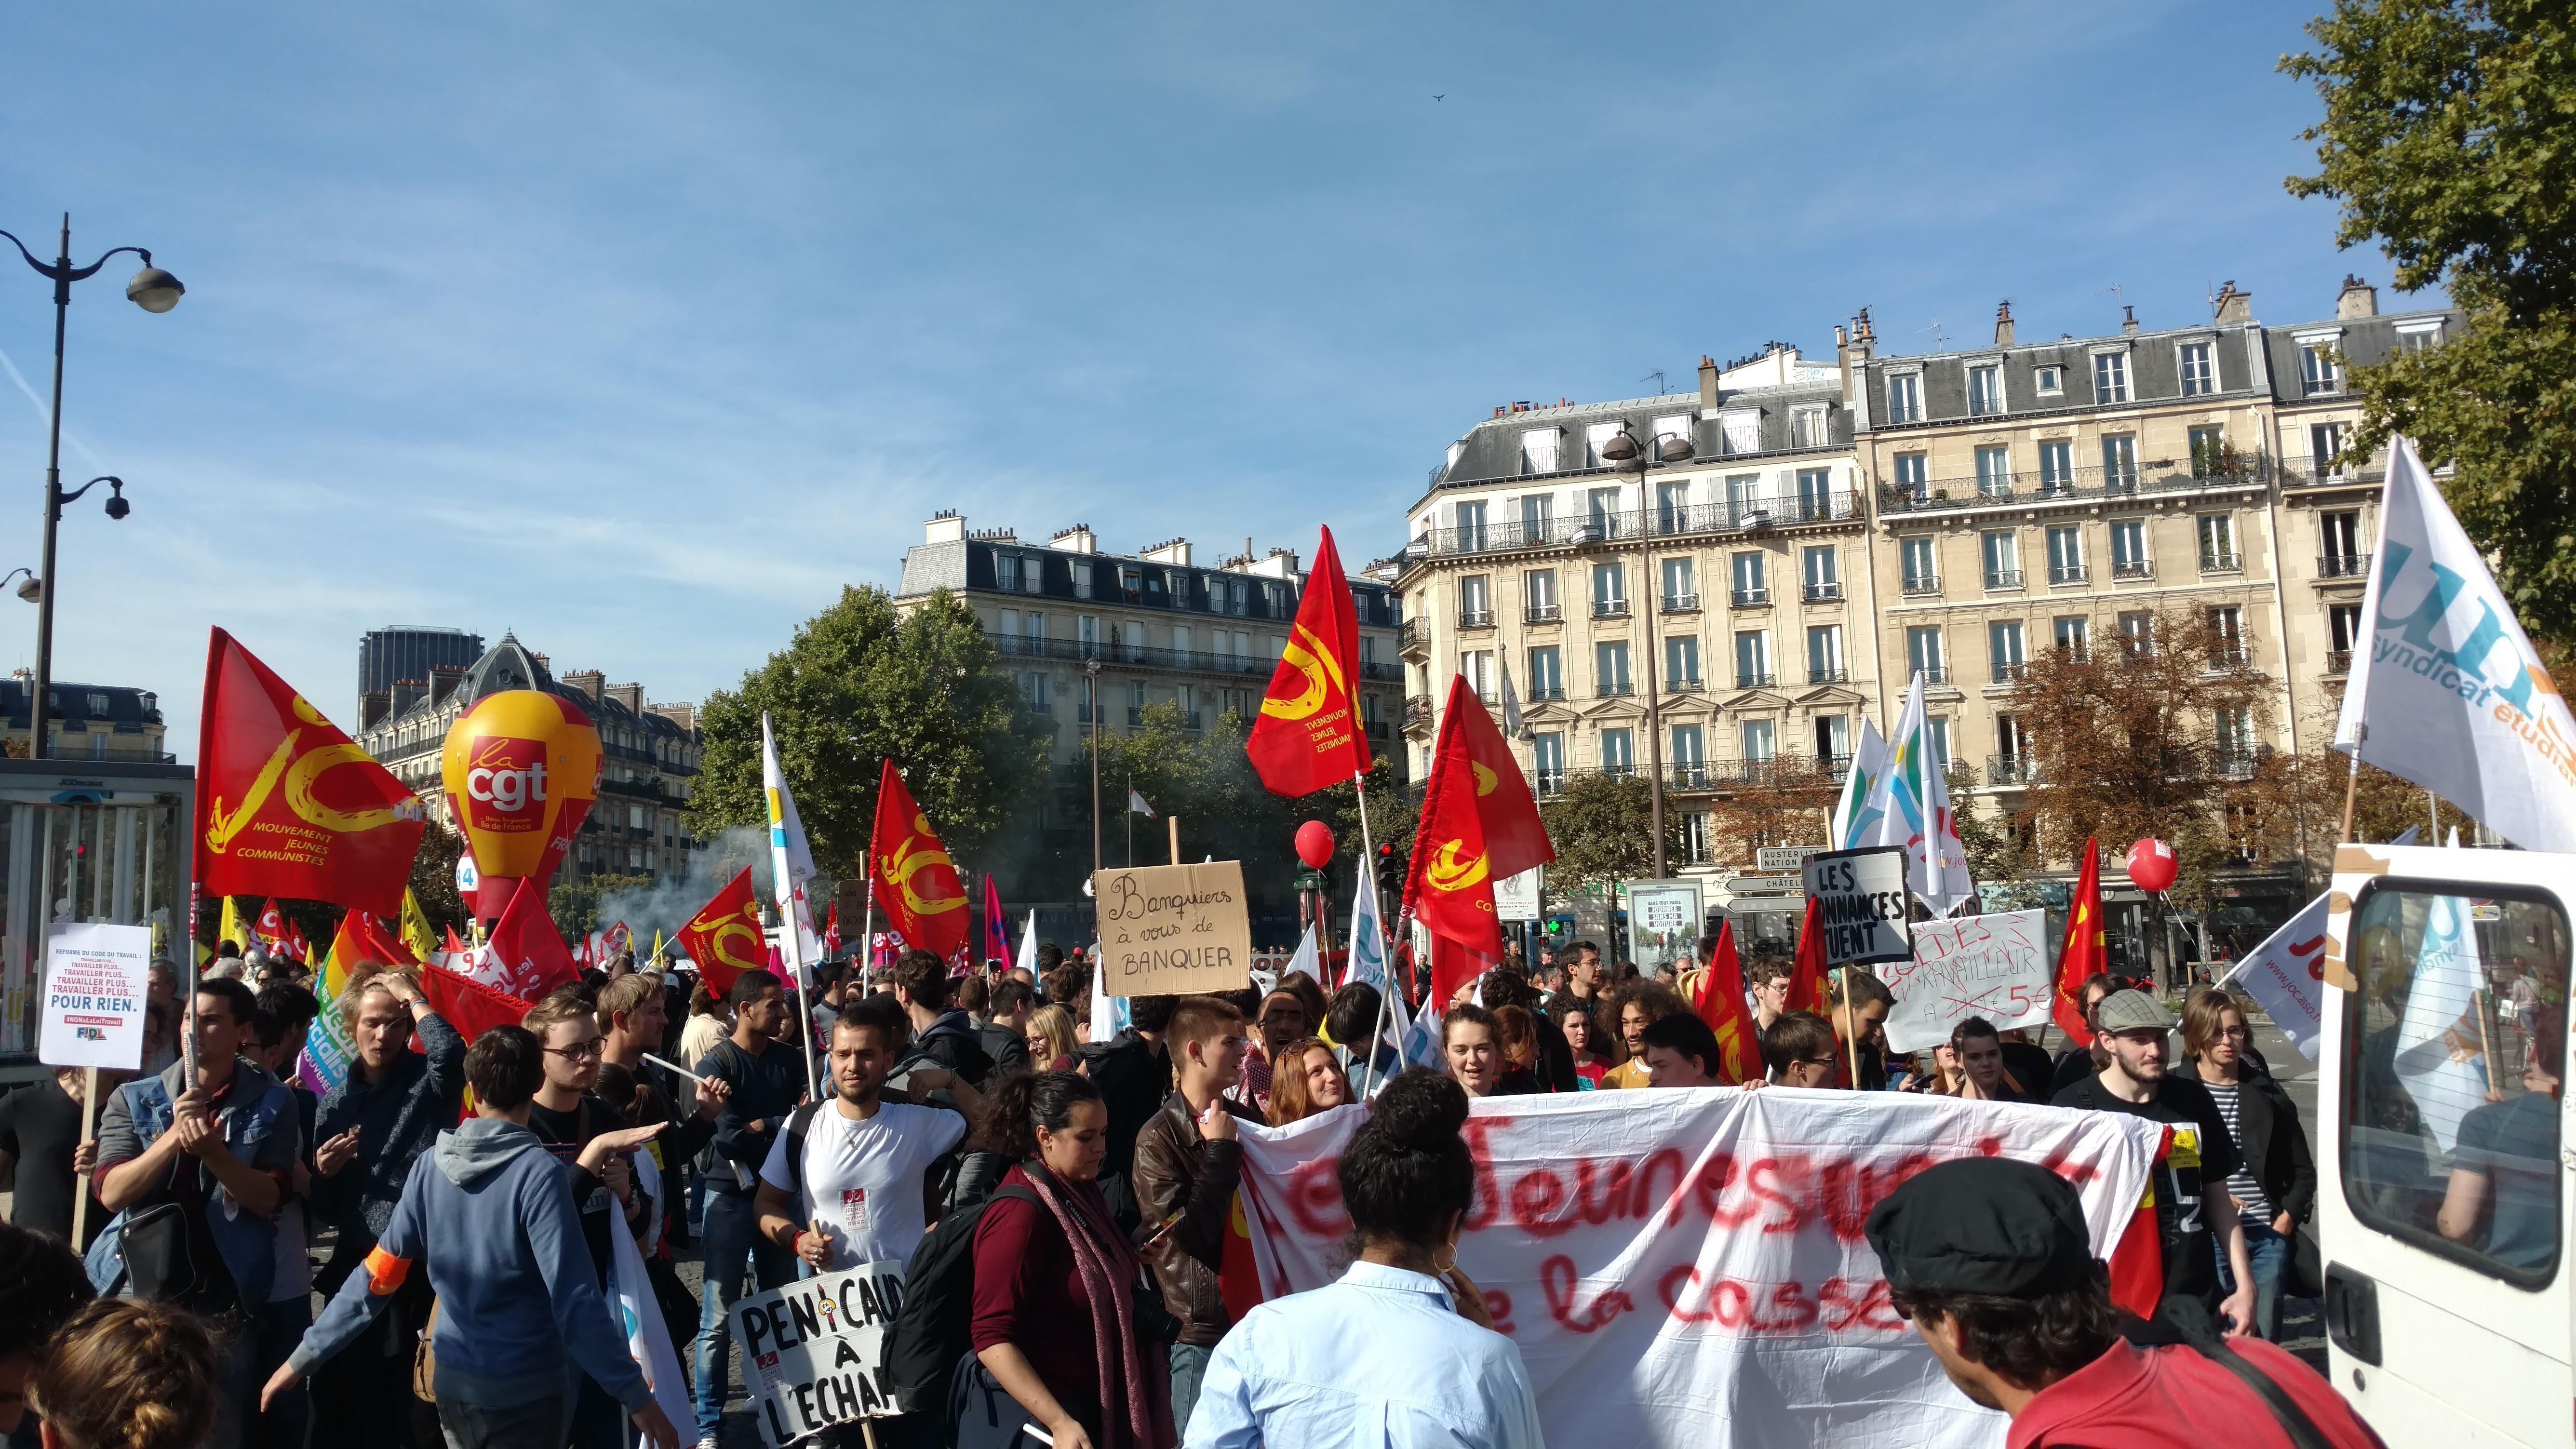 Appel des organisations de jeunesse et des syndicats étudiants à manifester, le 16 novembre, contre la sélection à l'entrée de l'Université